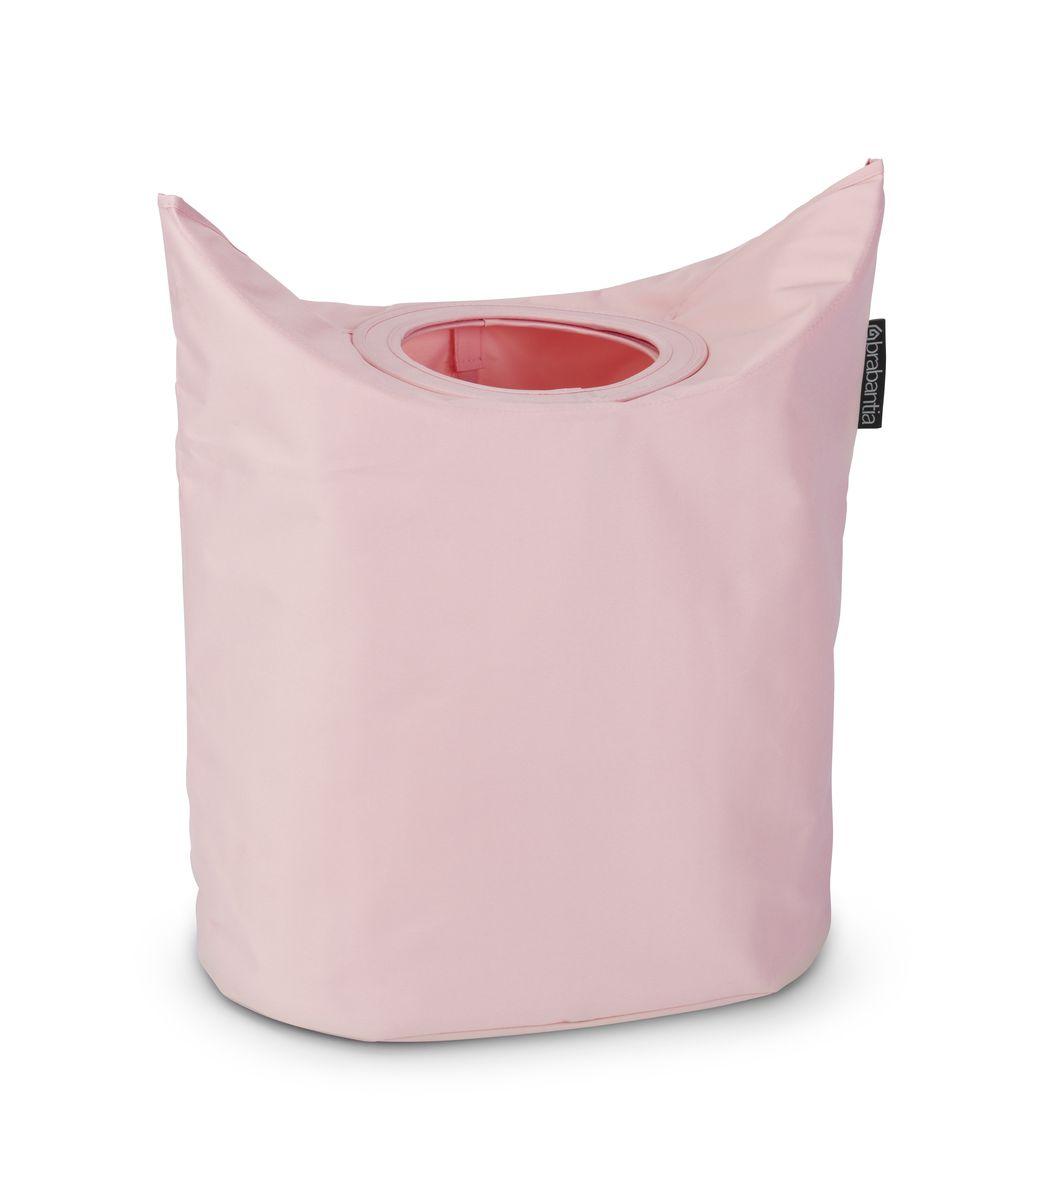 Сумка для белья Brabantia, цвет: розовый. 102547102547Большие удобные ручки для переноски. Большая вместимость и широкое отверстие. Загрузочное отверстие для быстрой загрузки белья – просто сложите магнитные ручки. 2 года гарантии Brabantia.